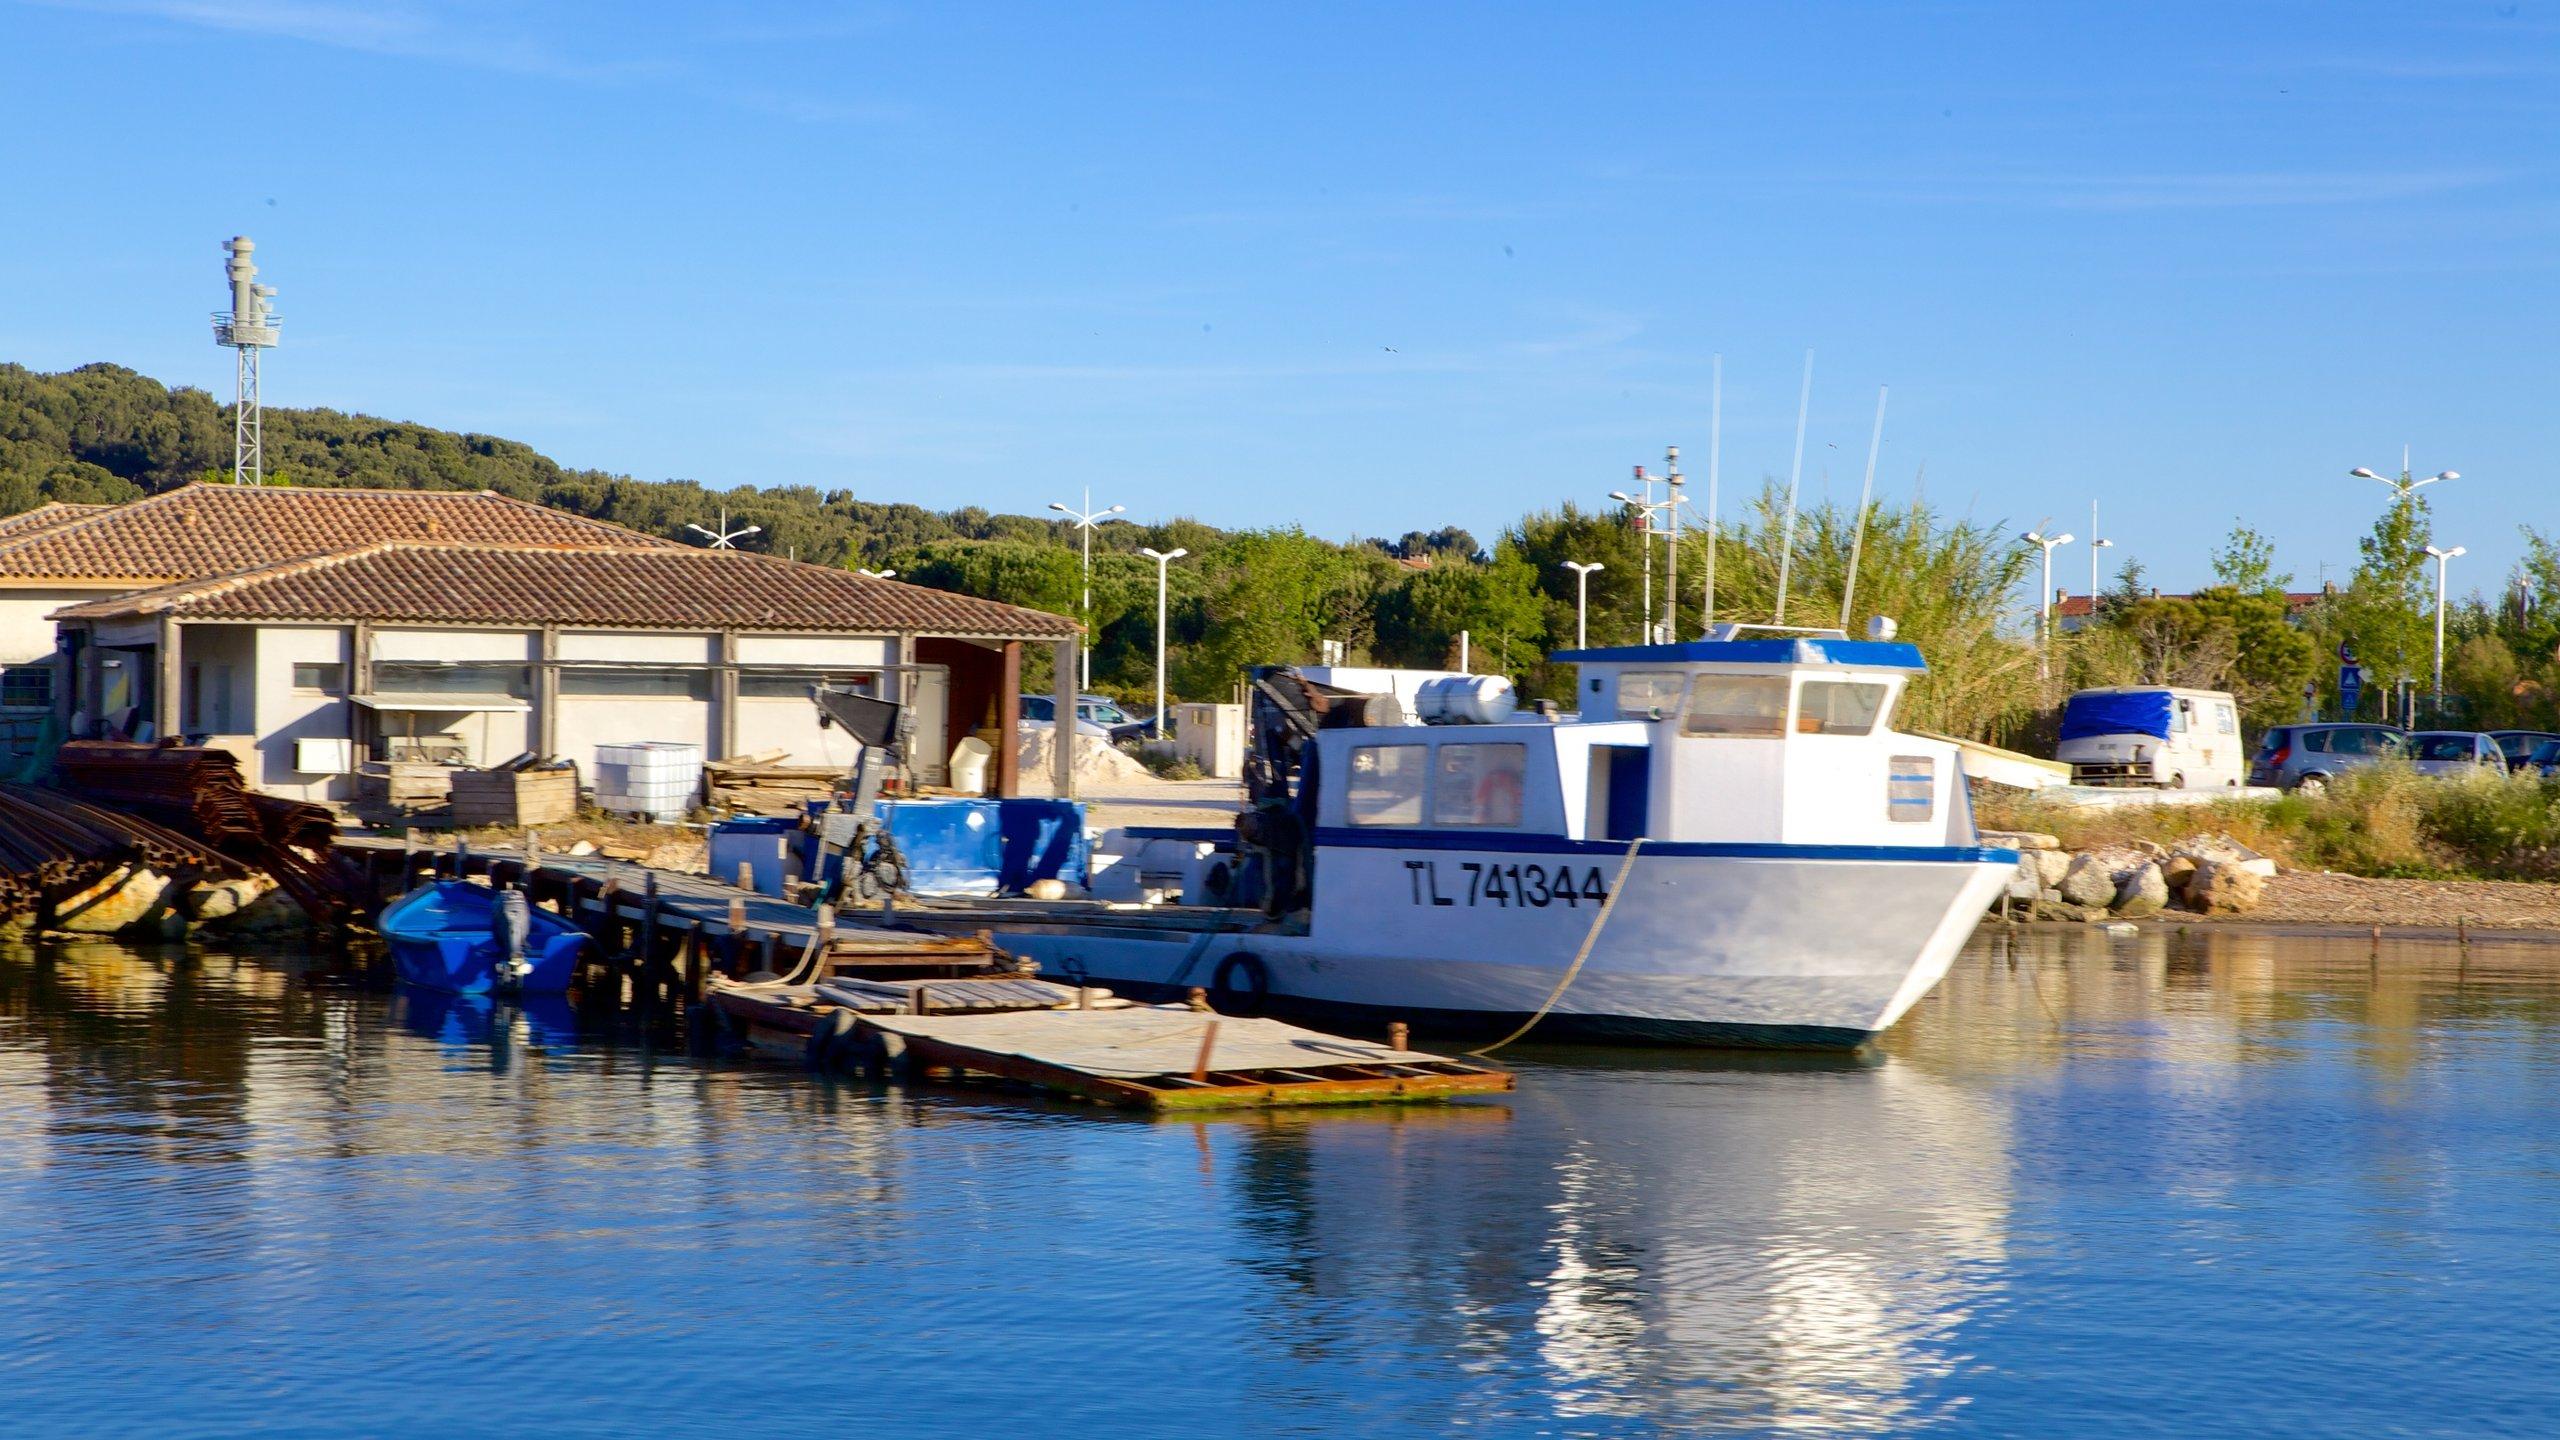 Les Sablettes, La Seyne-sur-Mer, Var, France